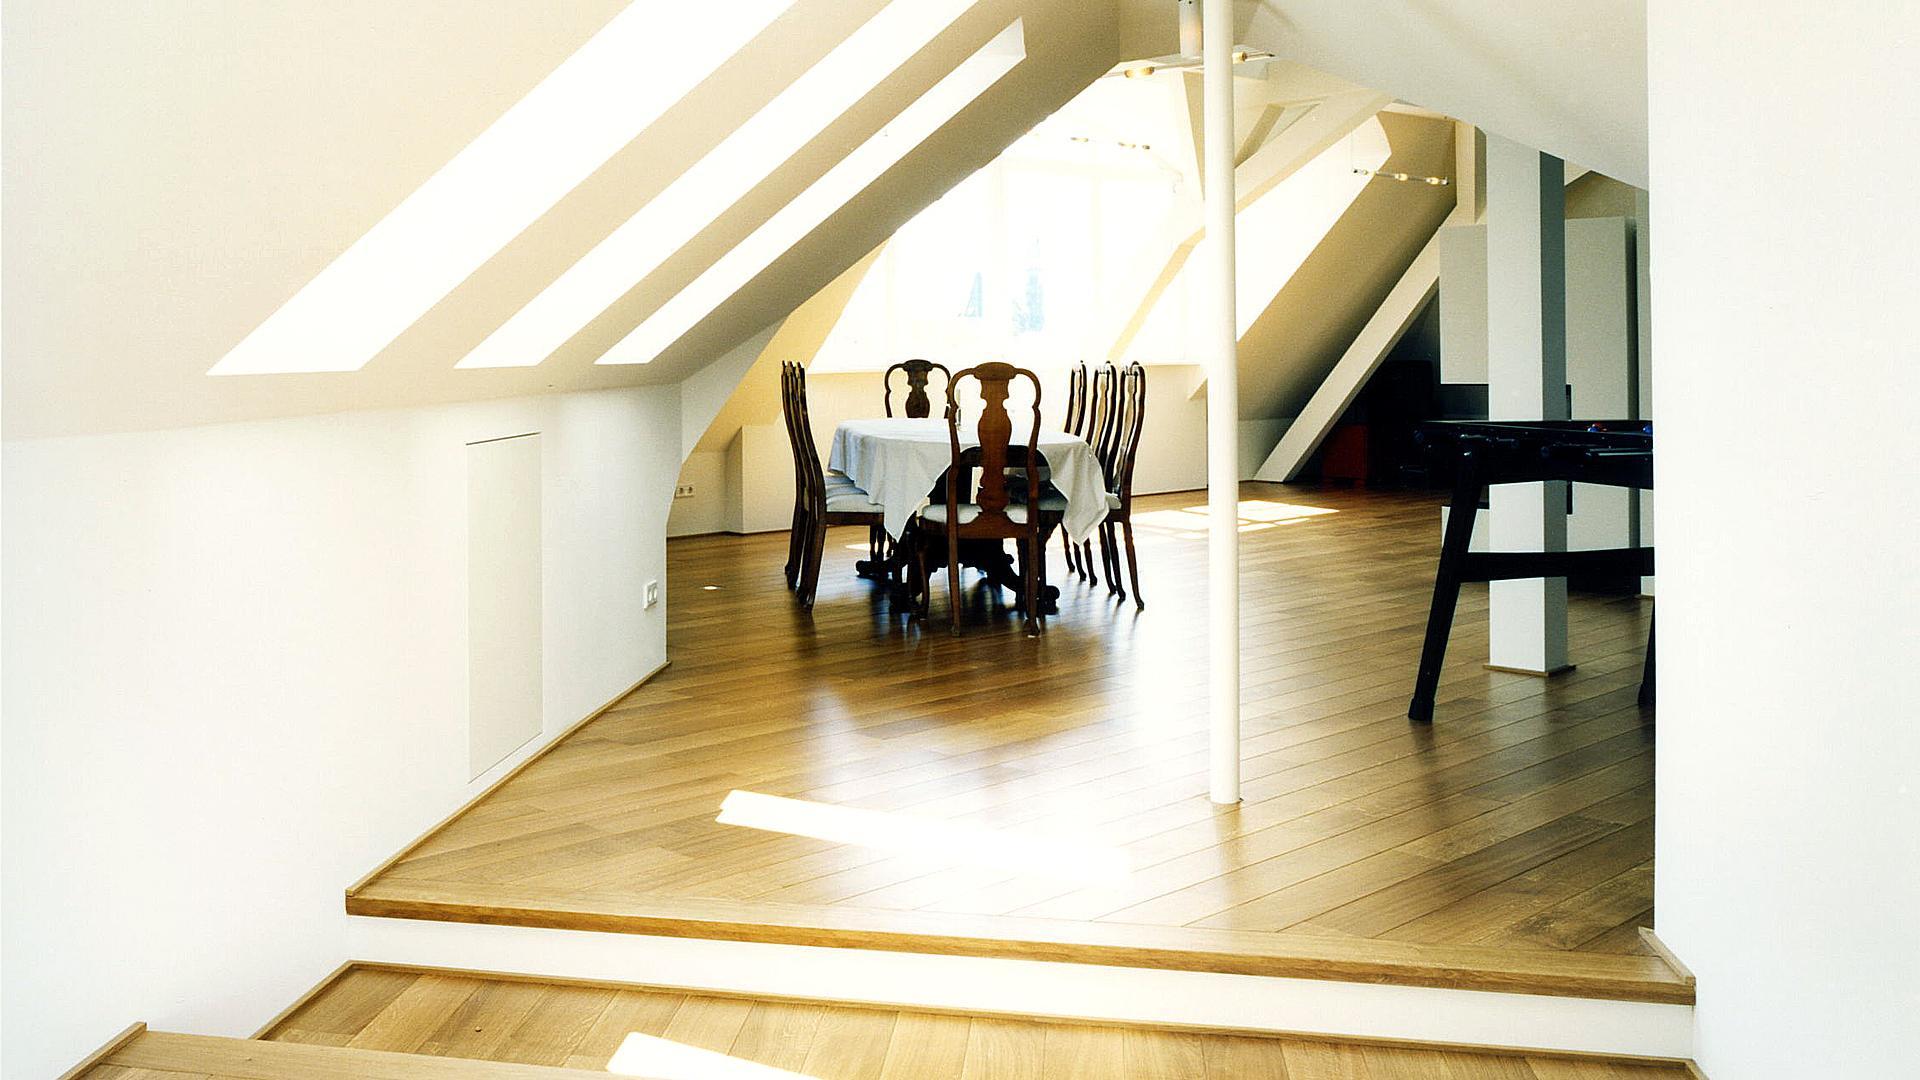 Dachbodenausbau Kostenrechner